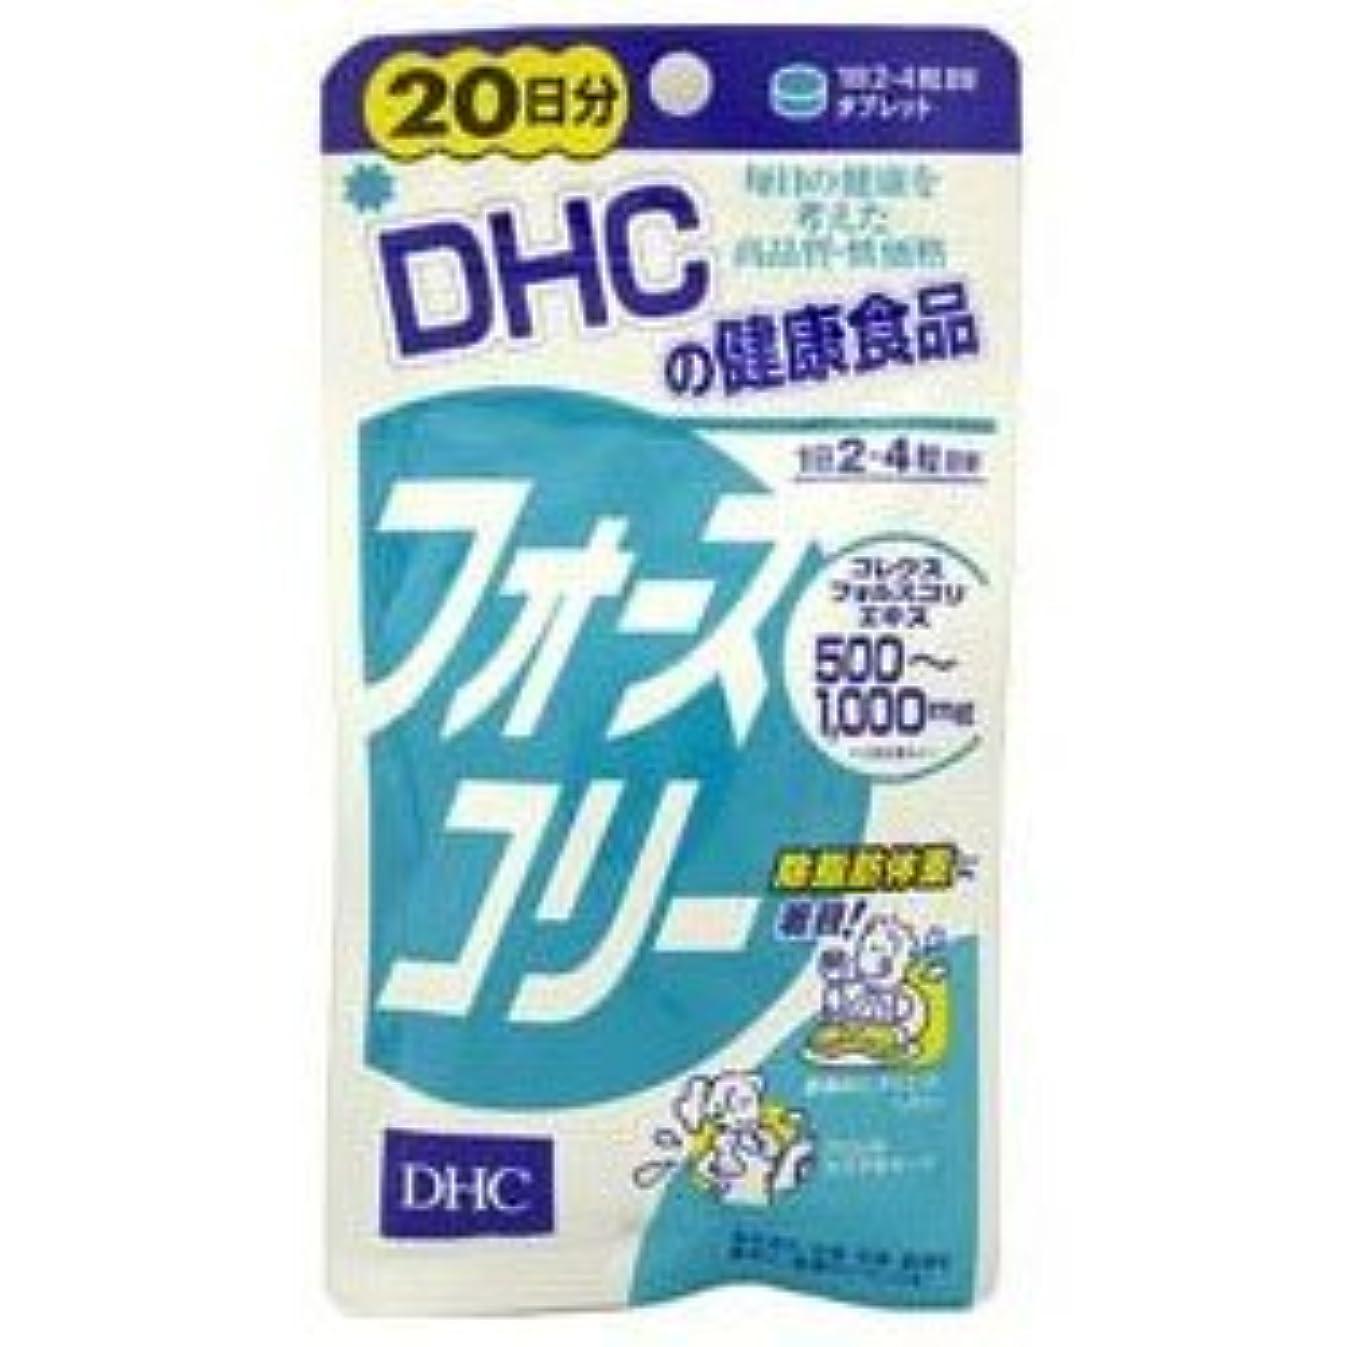 蜂高価な効率的に【DHC】フォースコリー 20日分 (32.4g) ×20個セット